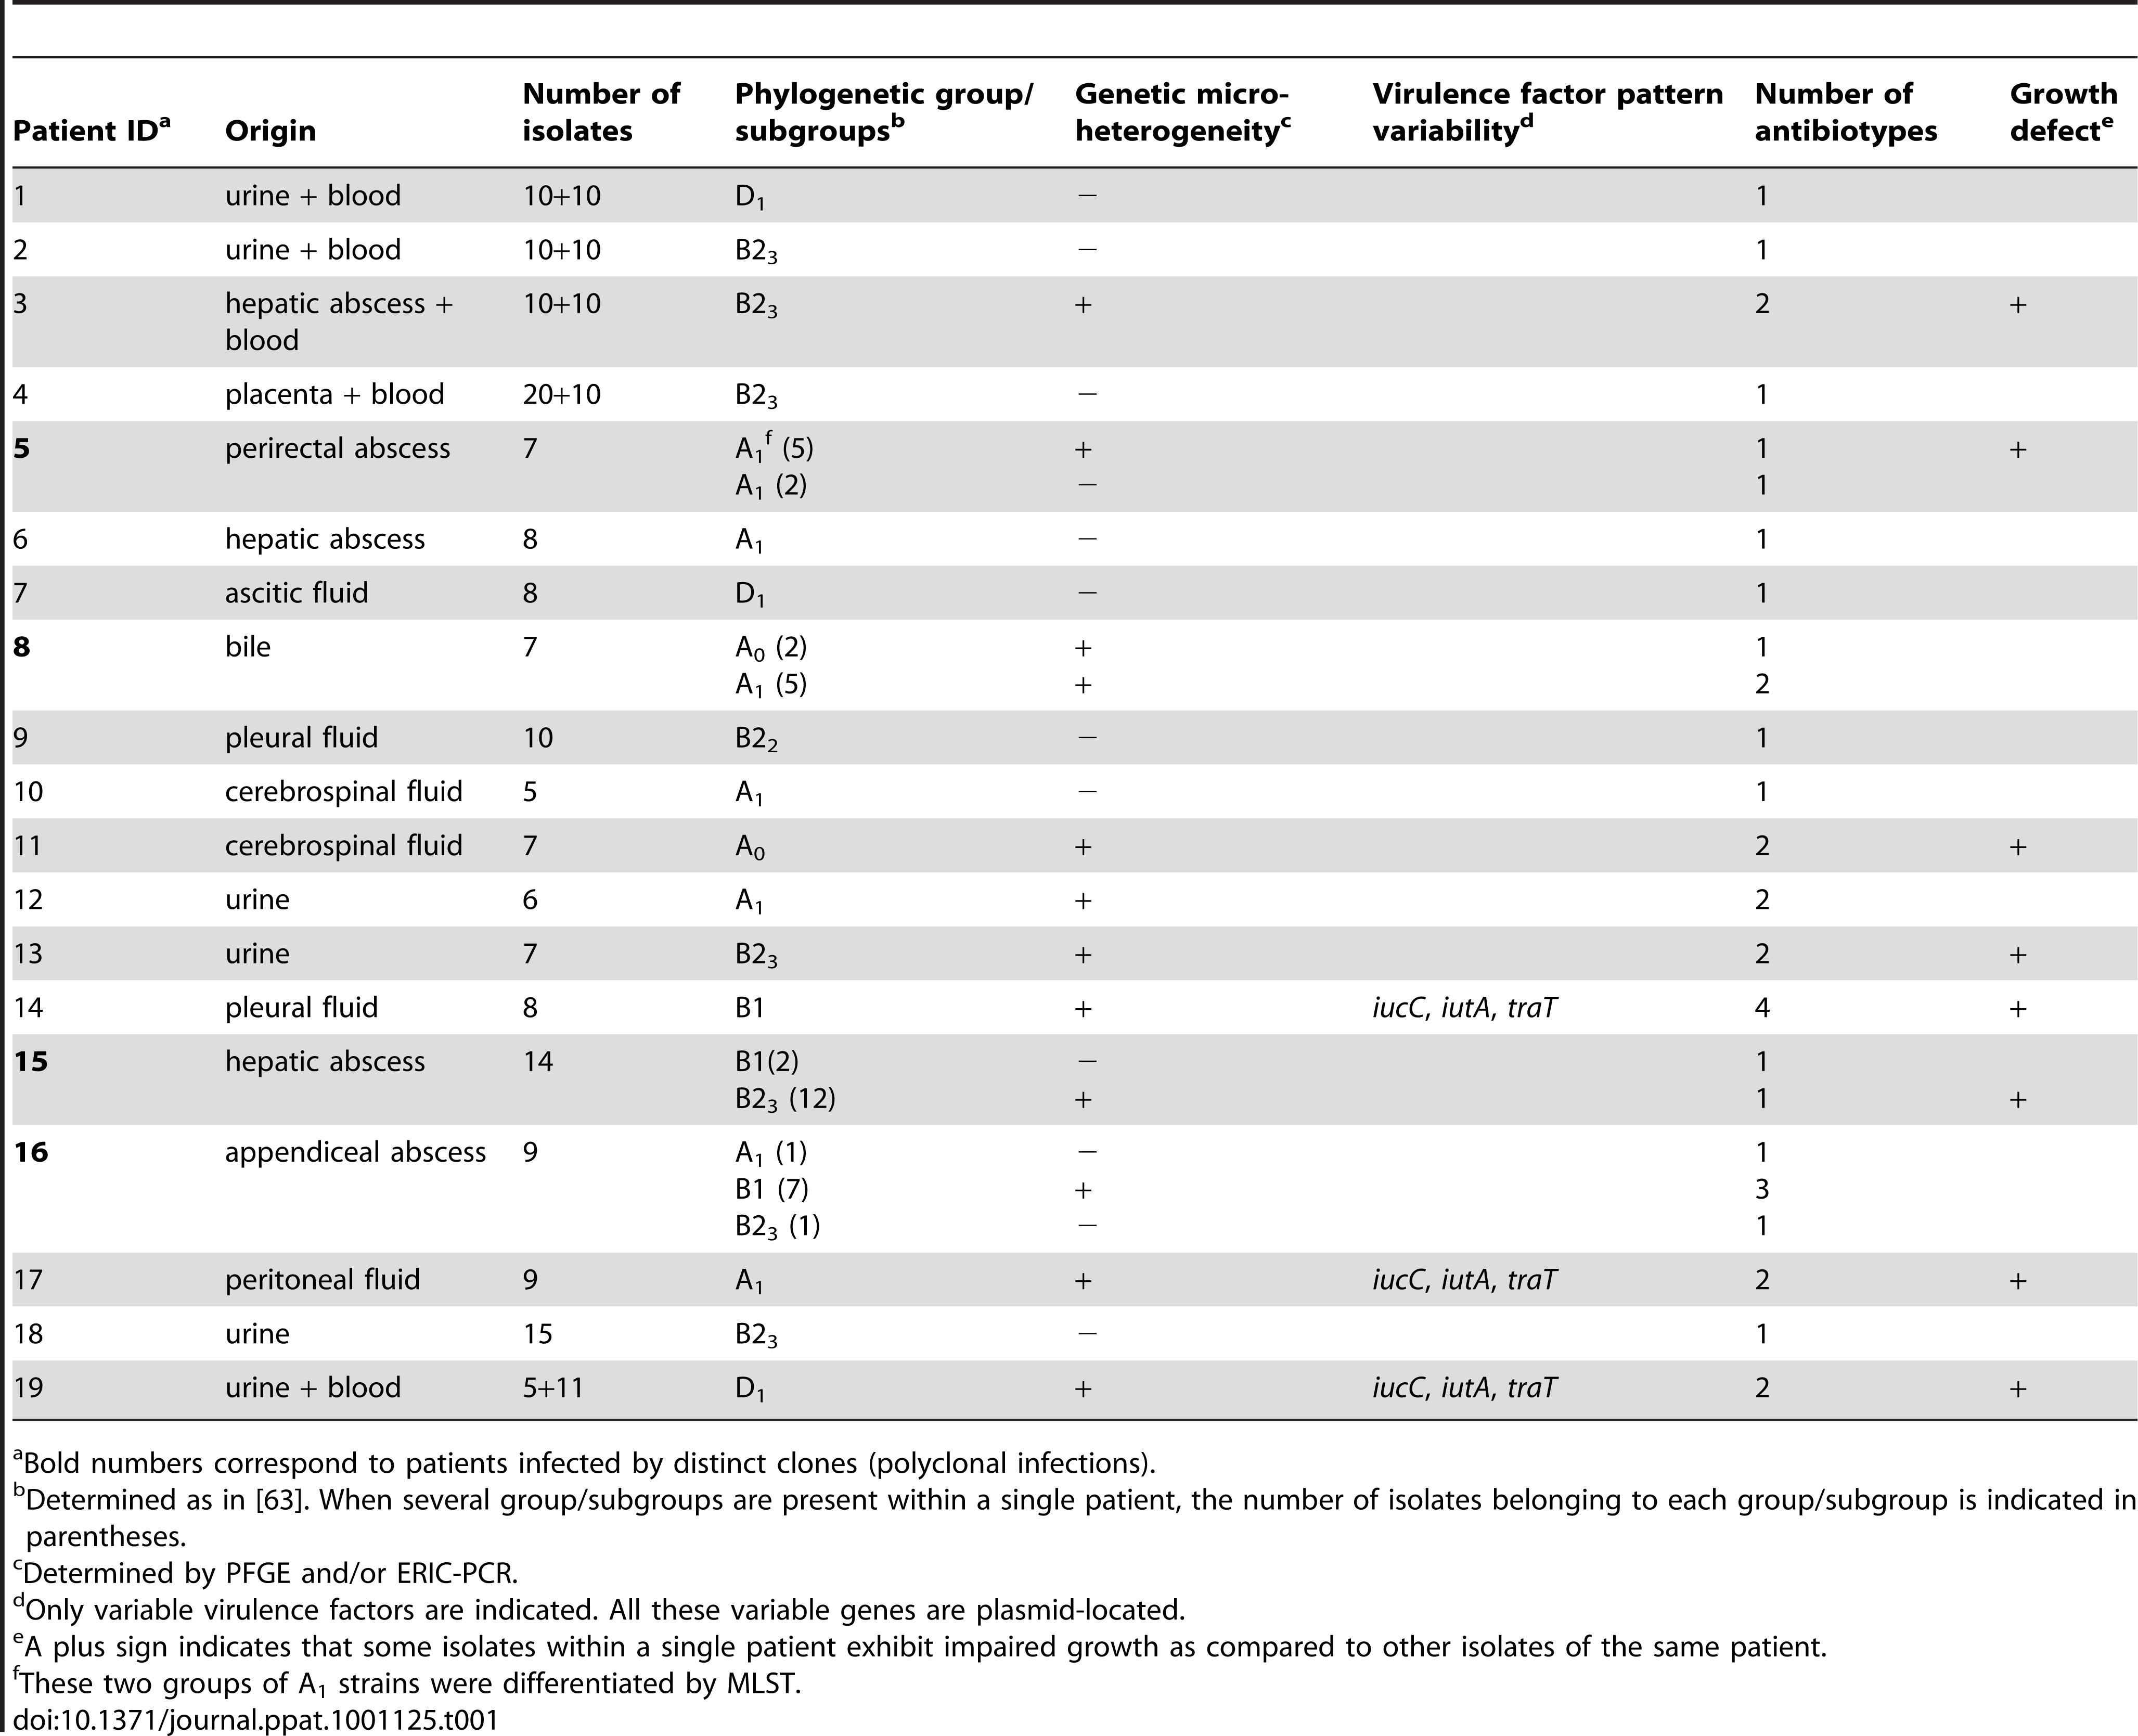 Main characteristics of the <i>E. coli</i> studied.